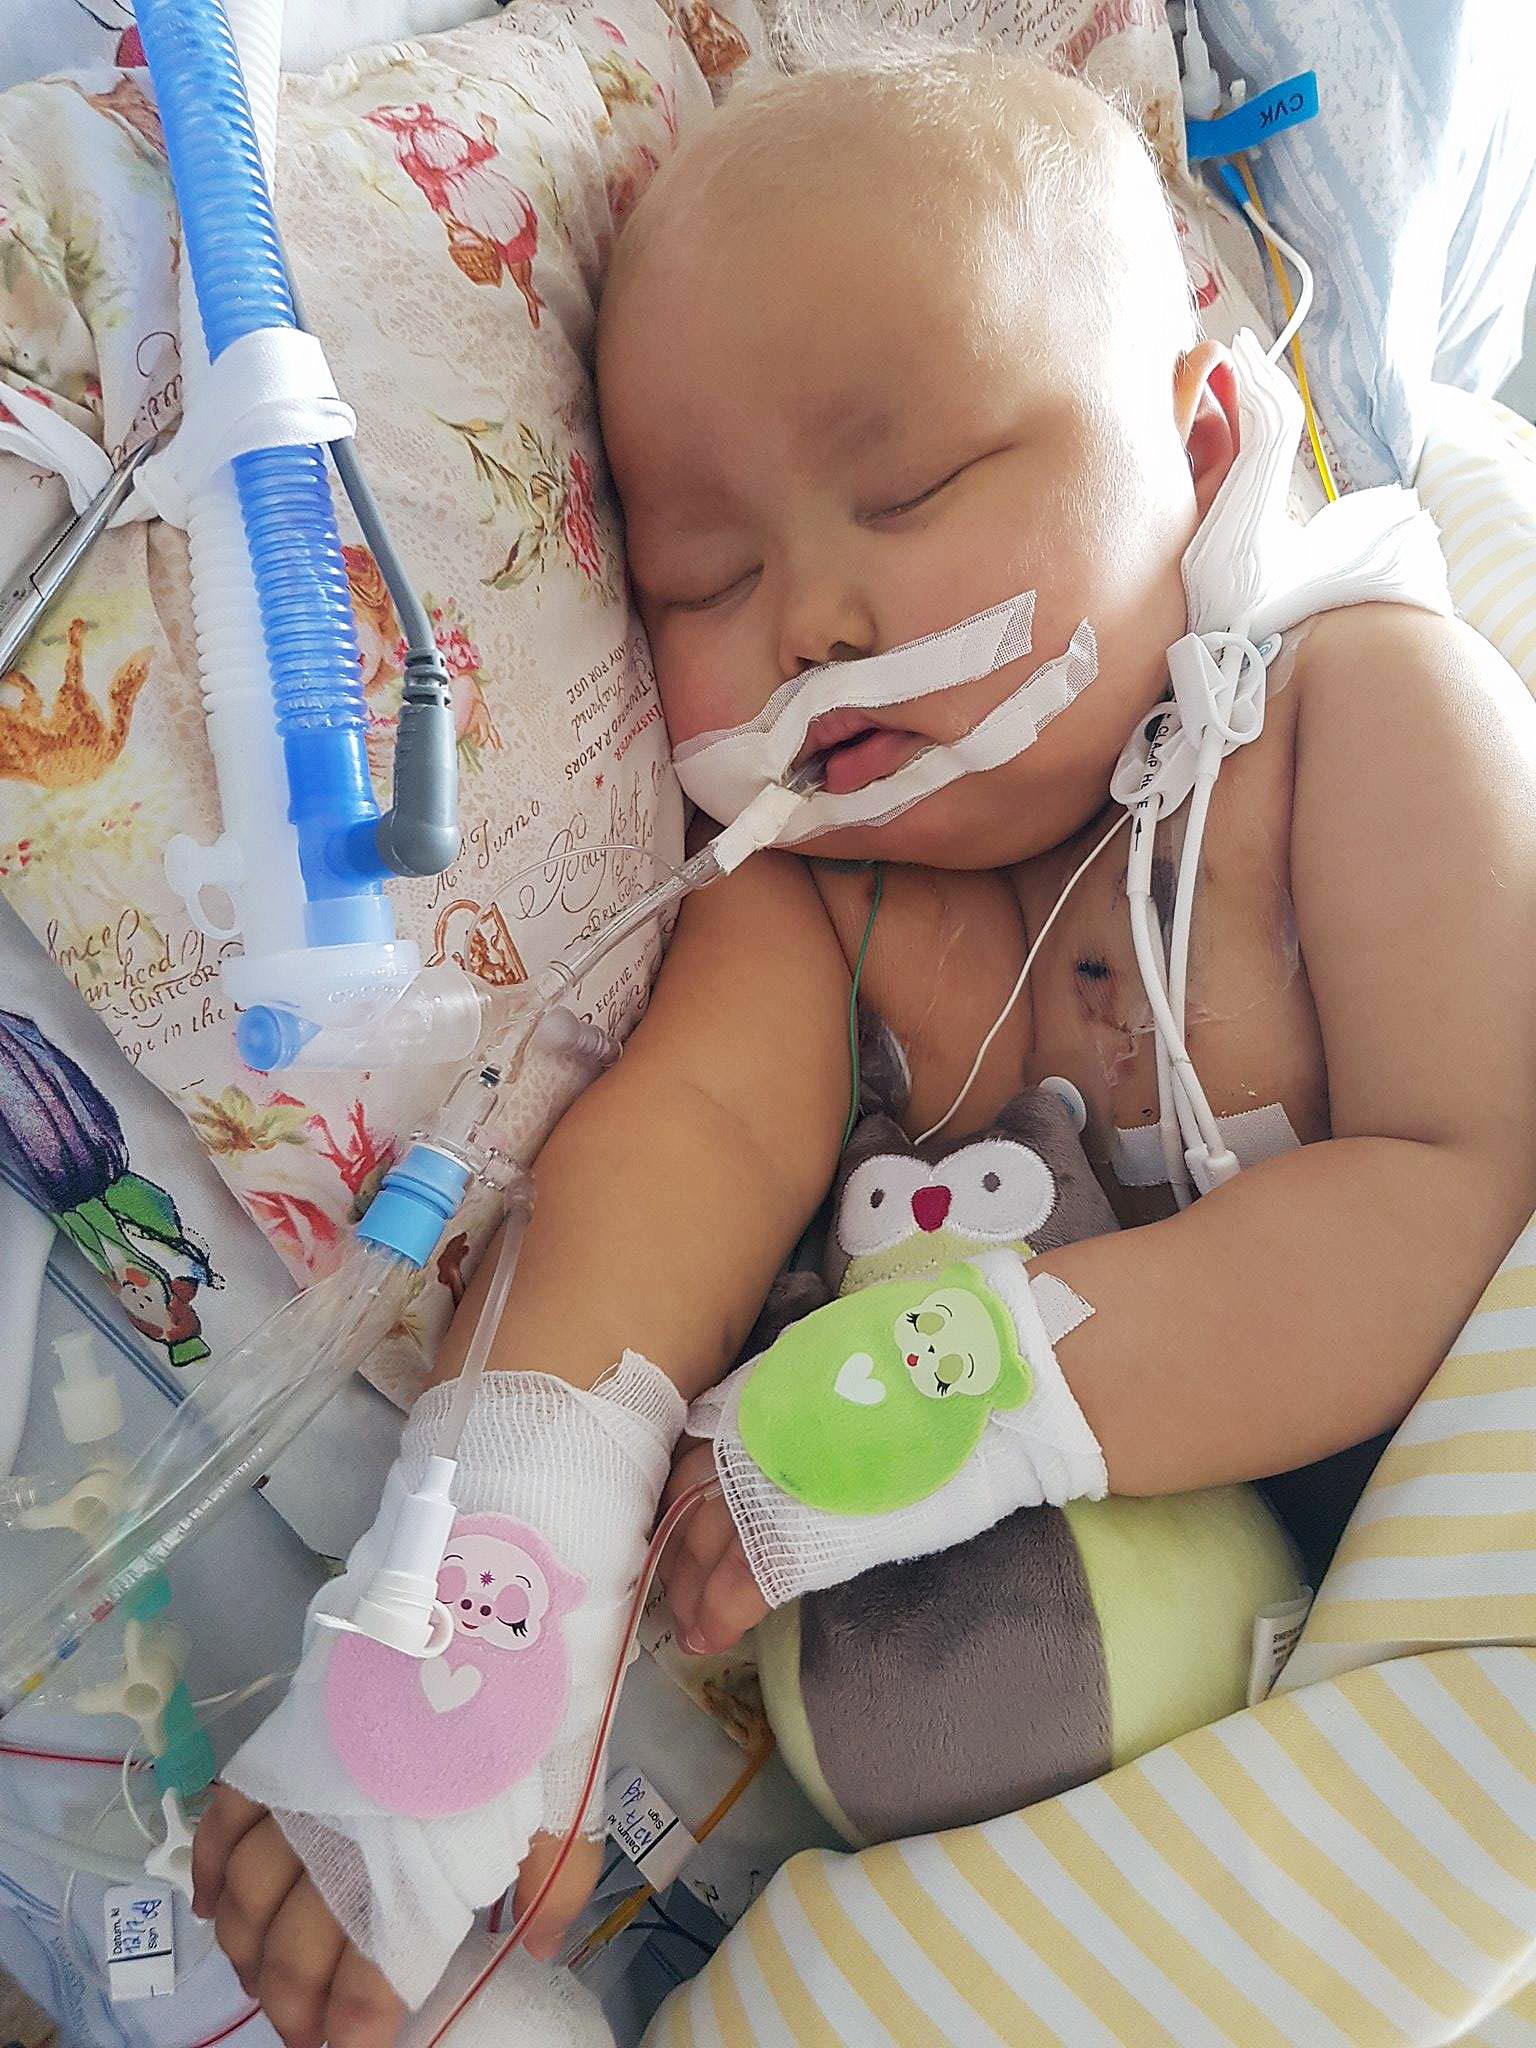 Bebis fick for hog lugnande